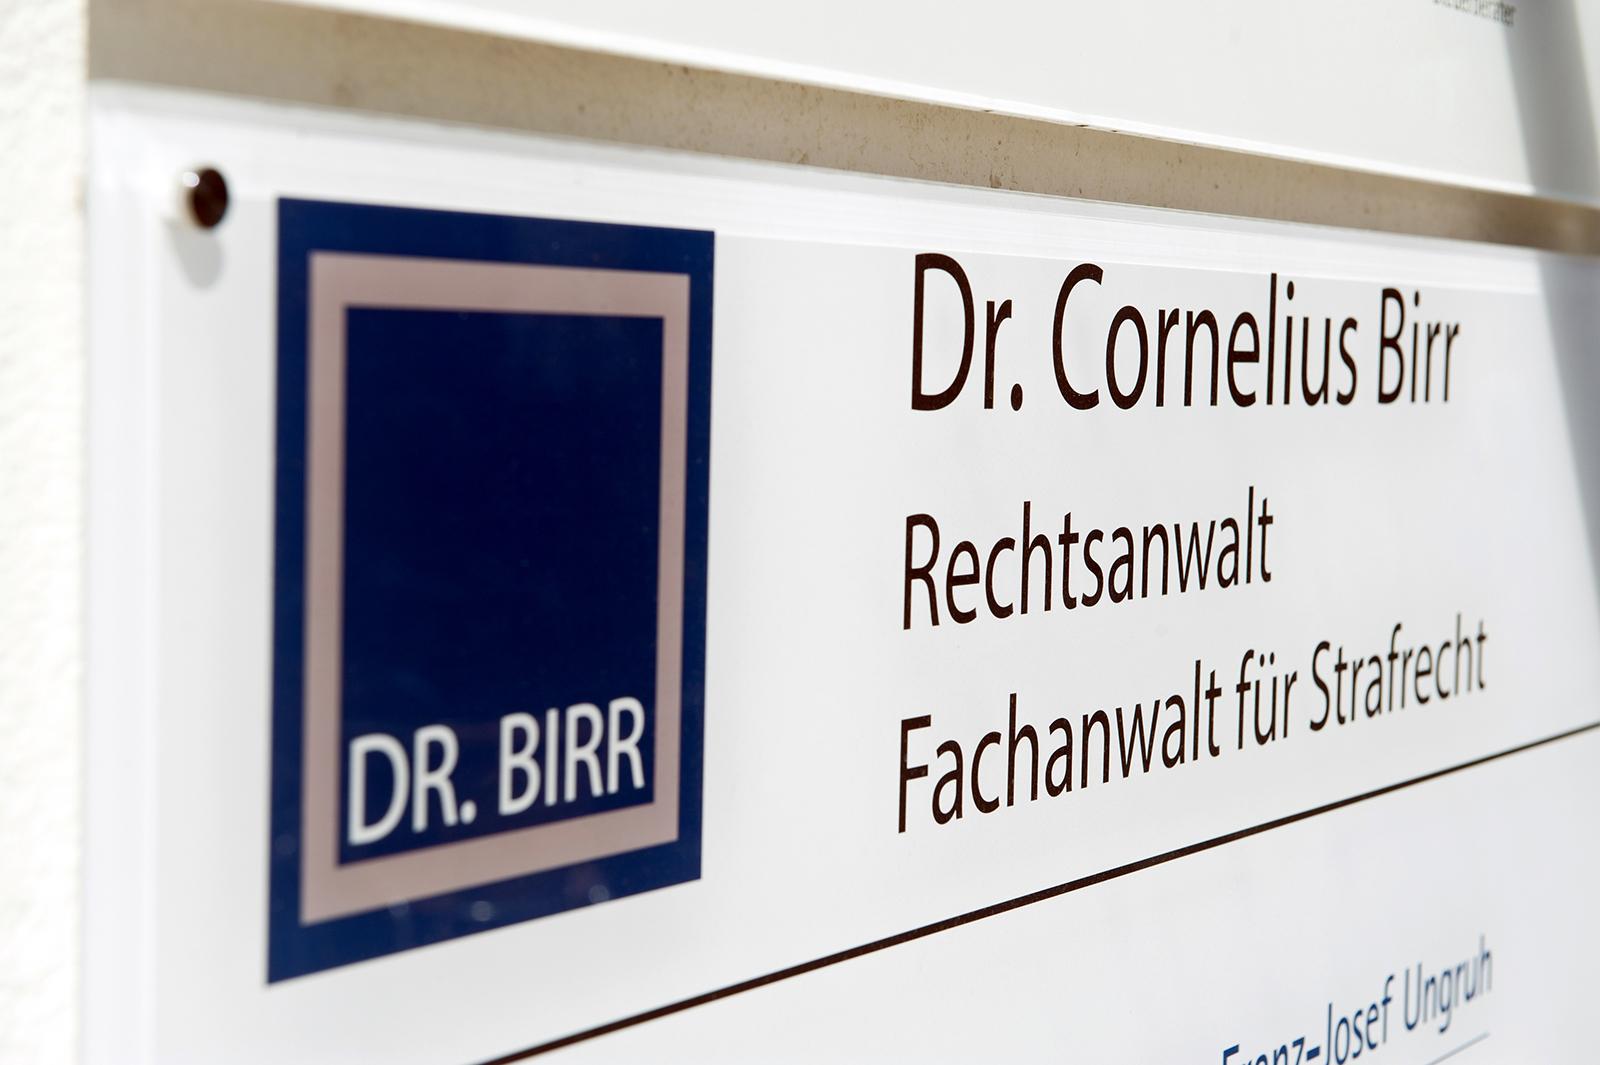 Rechtsanwalt Dr. Cornelius Birr